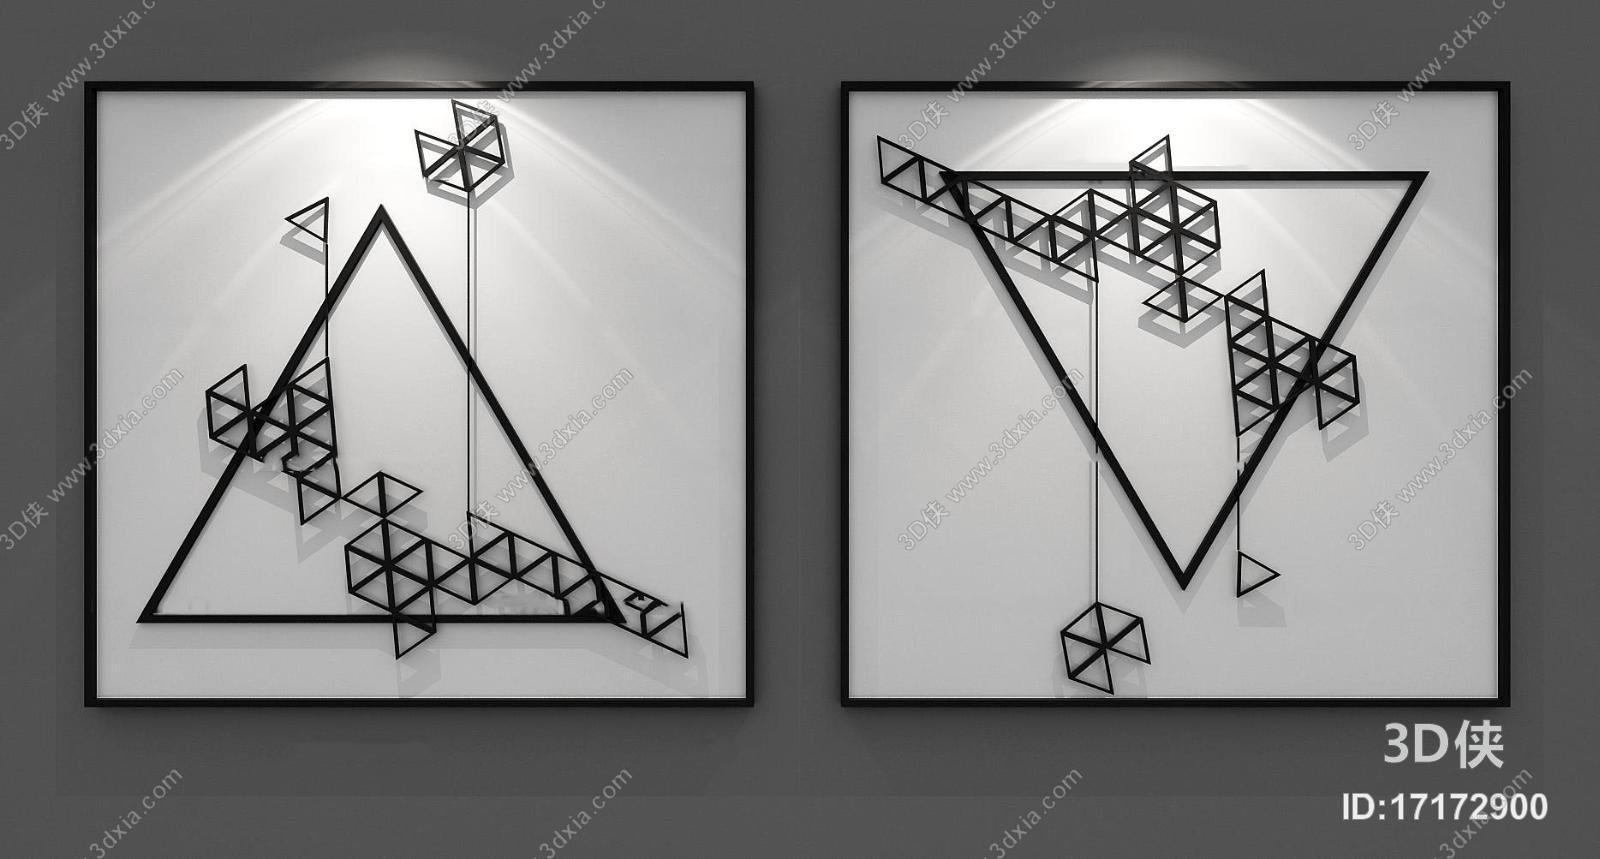 挂画效果图素材免费下载,本作品主题是现代立体抽象画组合3d模型,编号